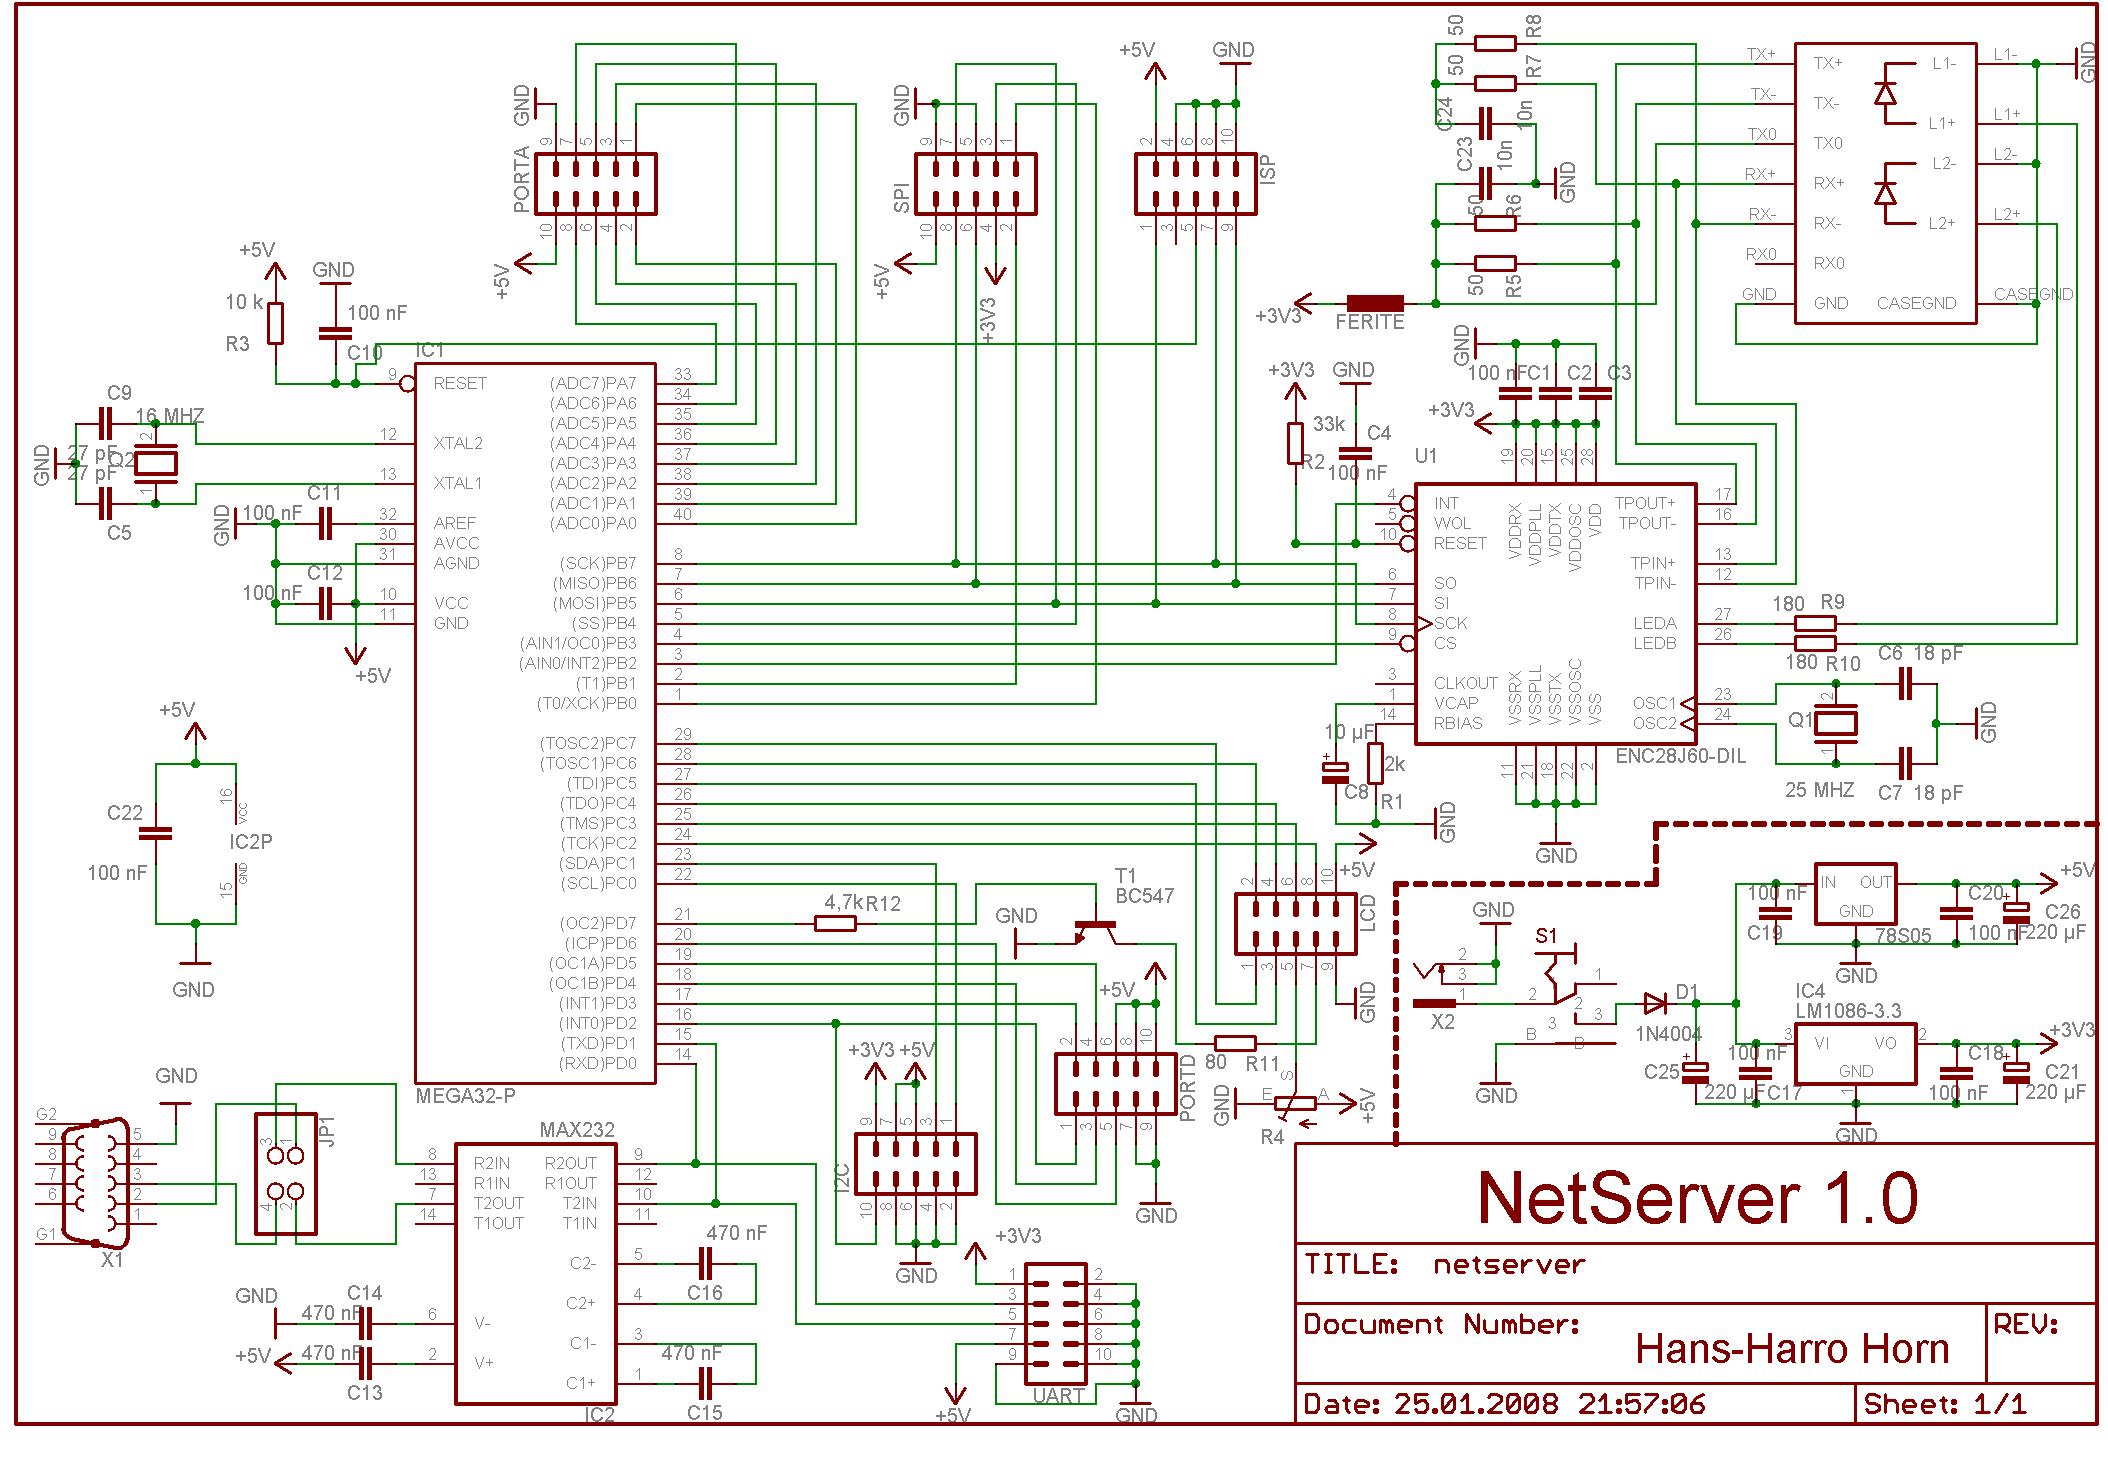 Ungewöhnlich Ethernet Anschluss Schaltplan Bilder - Der Schaltplan ...